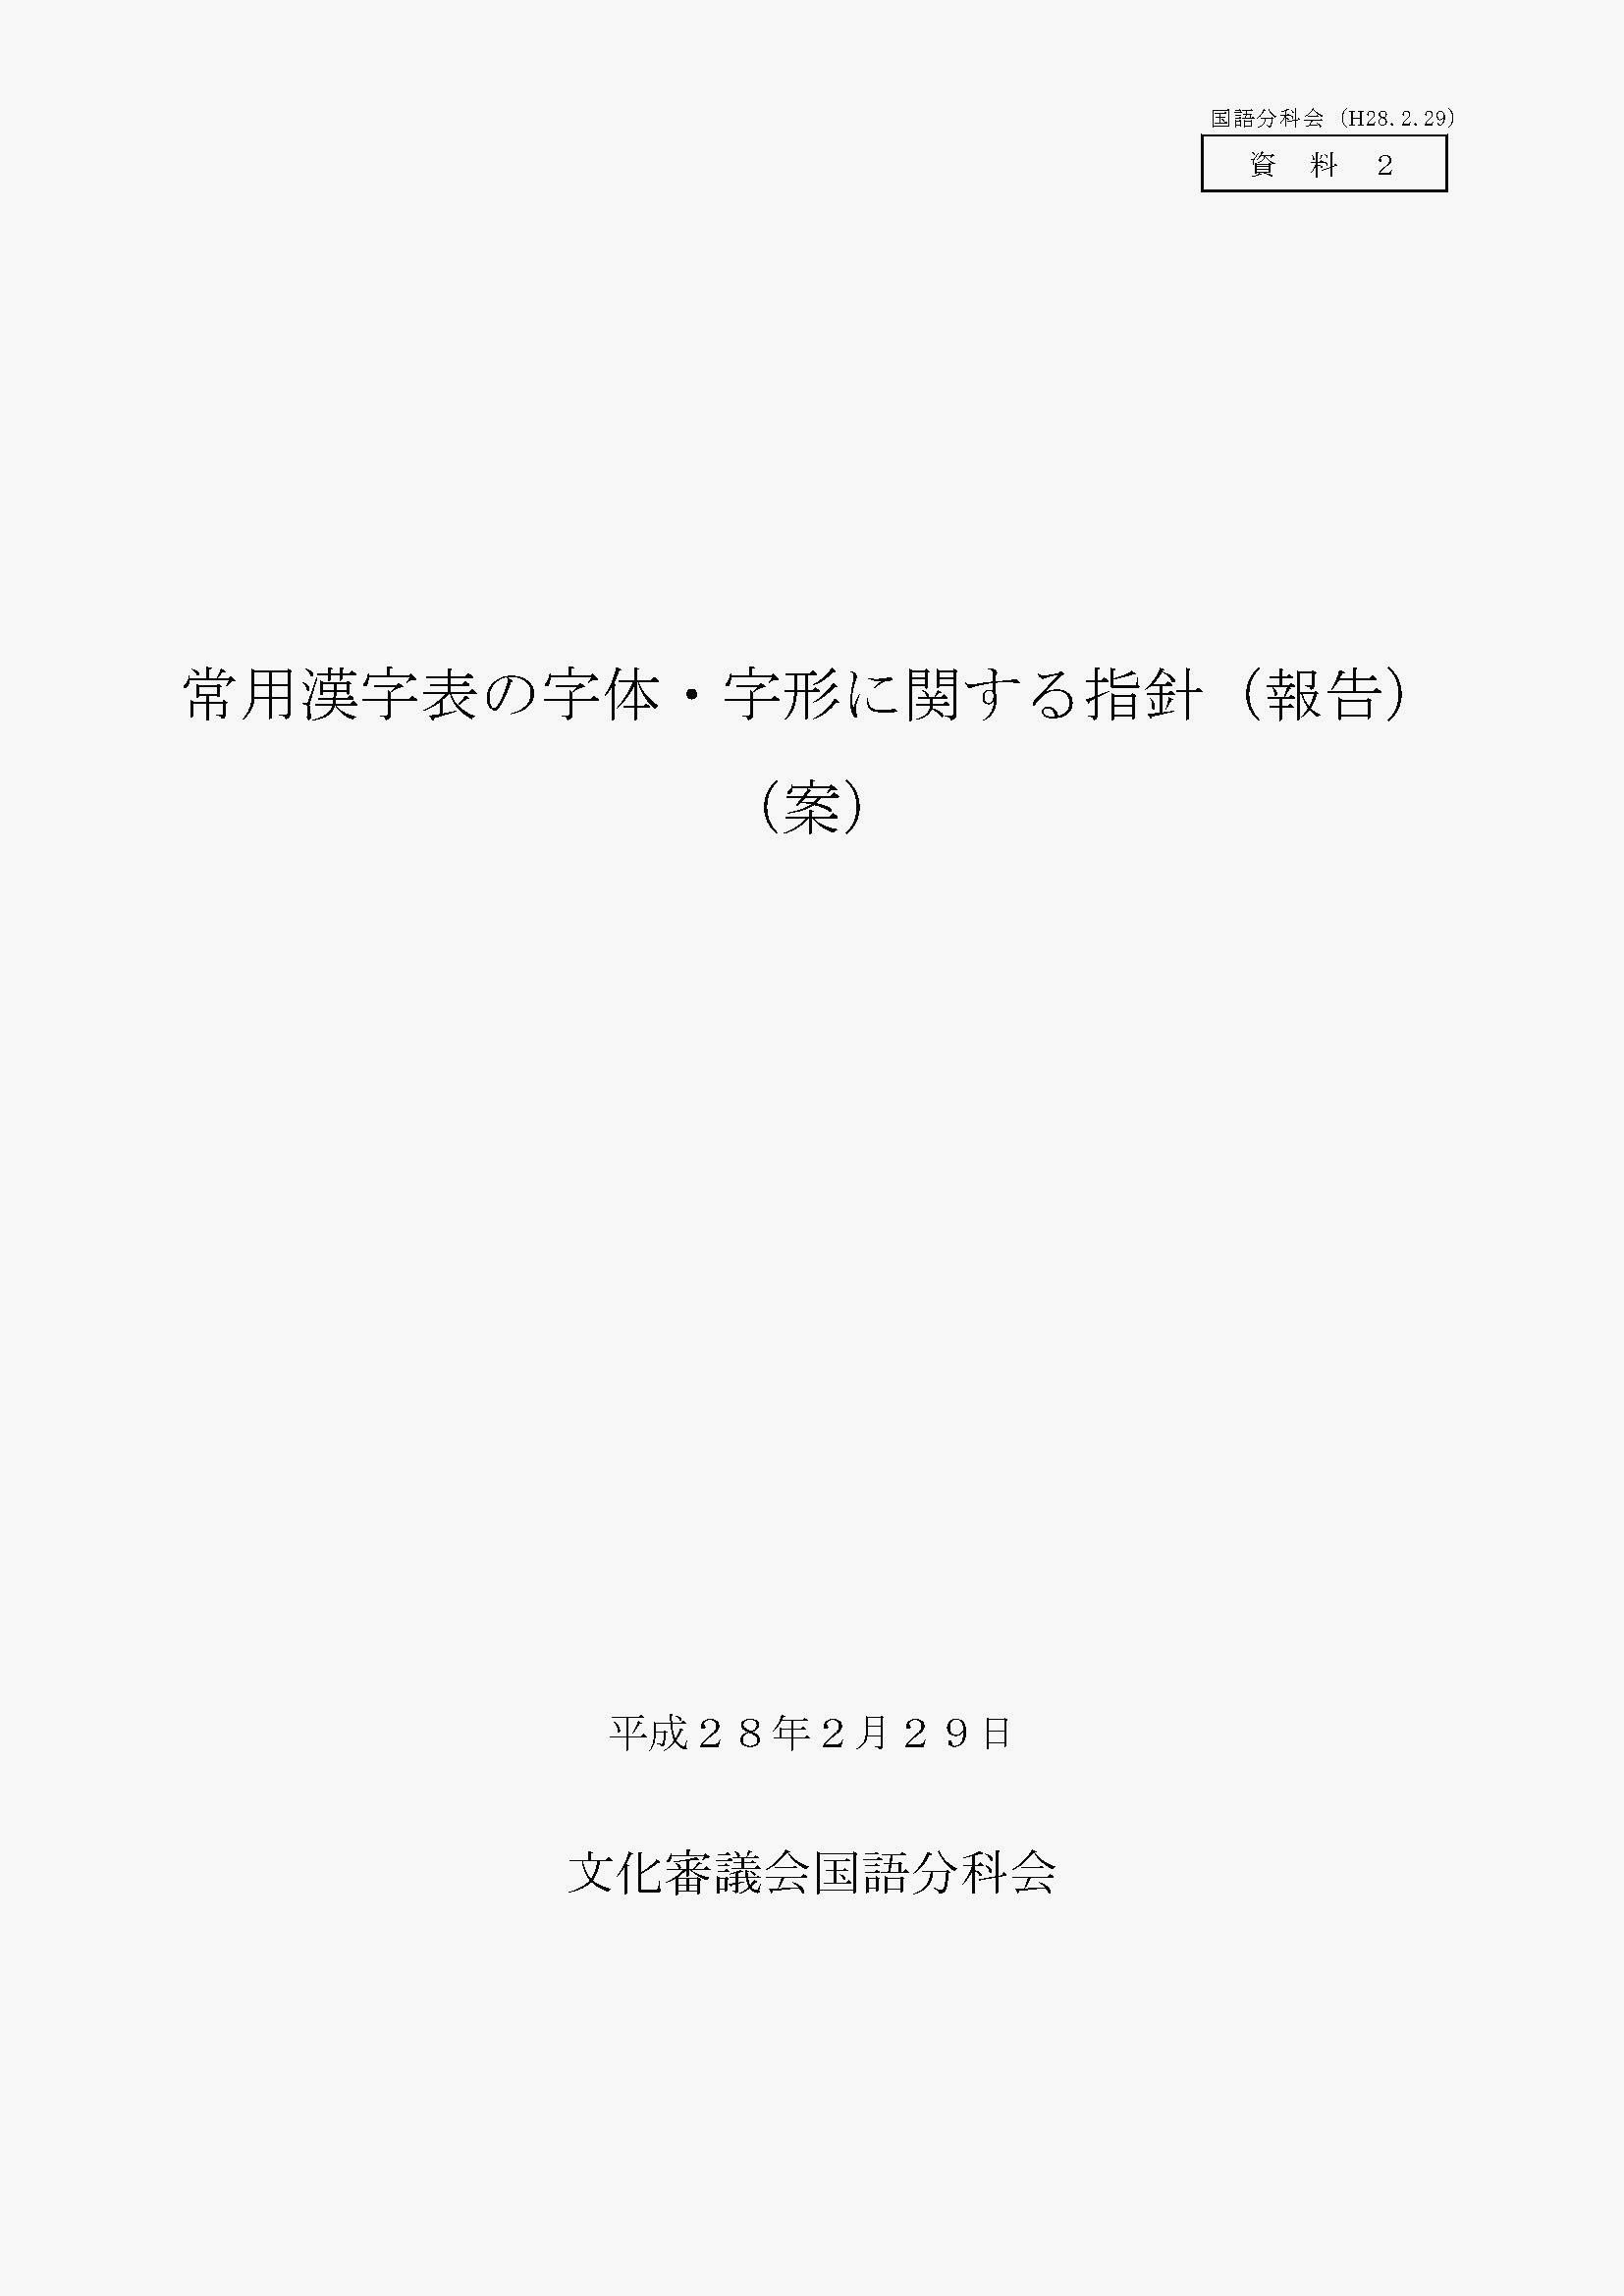 文化庁04